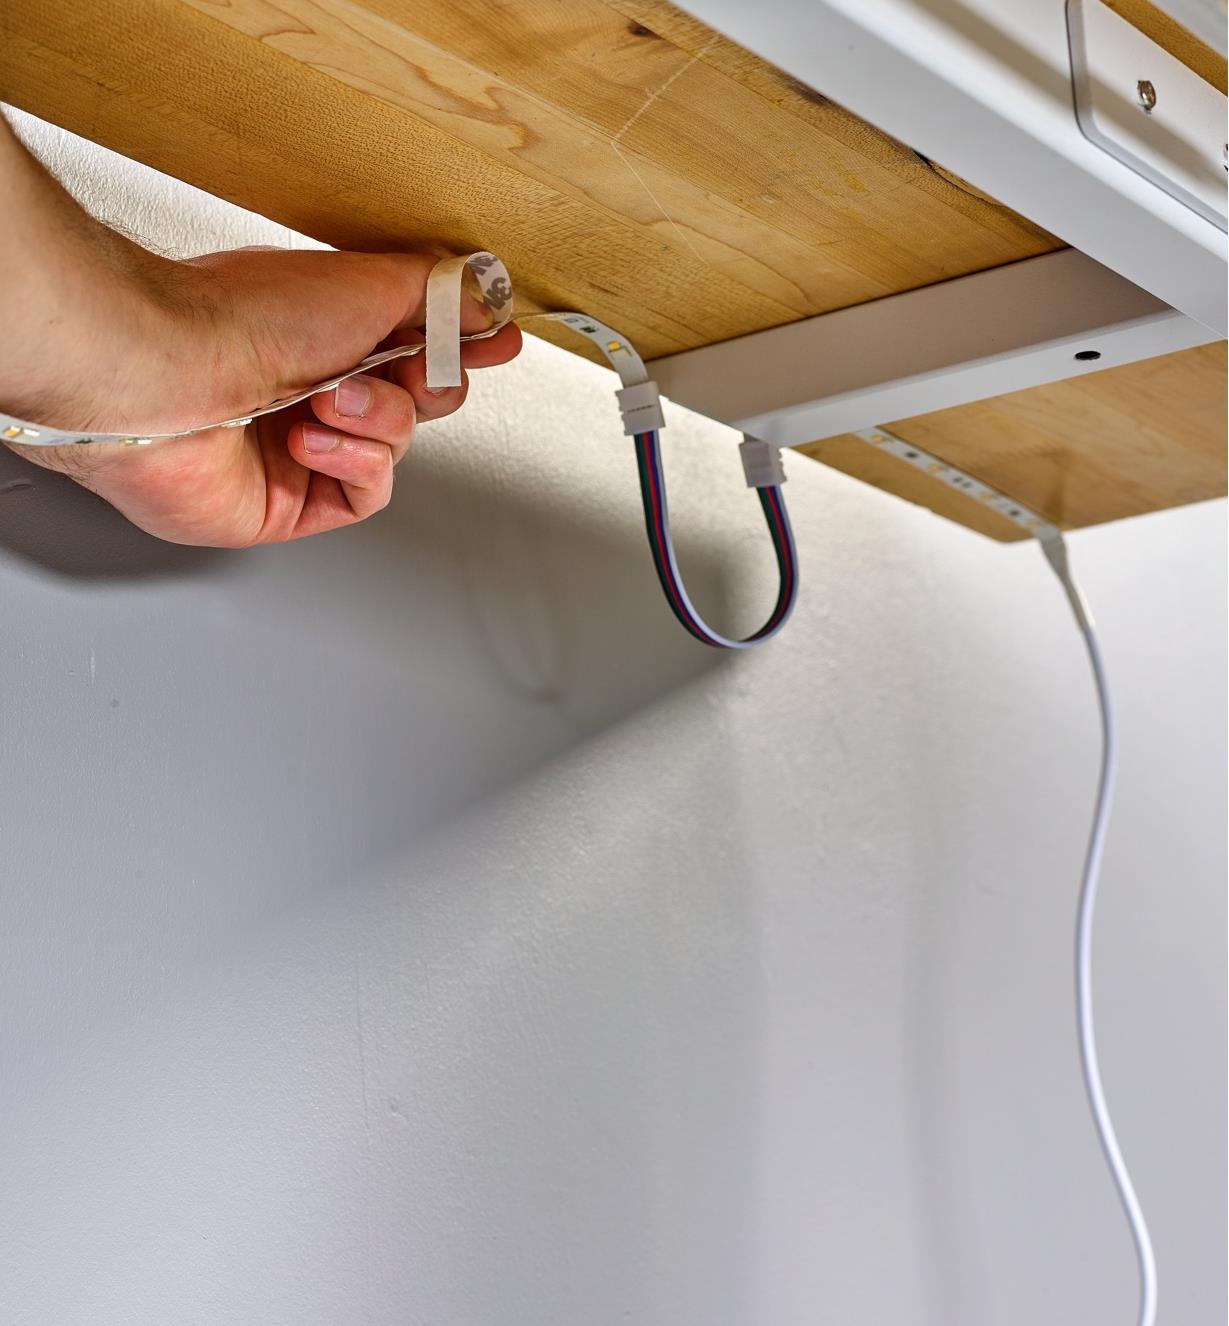 Personne installant un luminaire-ruban sous le plateau d'une table et contournant un tréteau à l'aide d'un câble connecteur